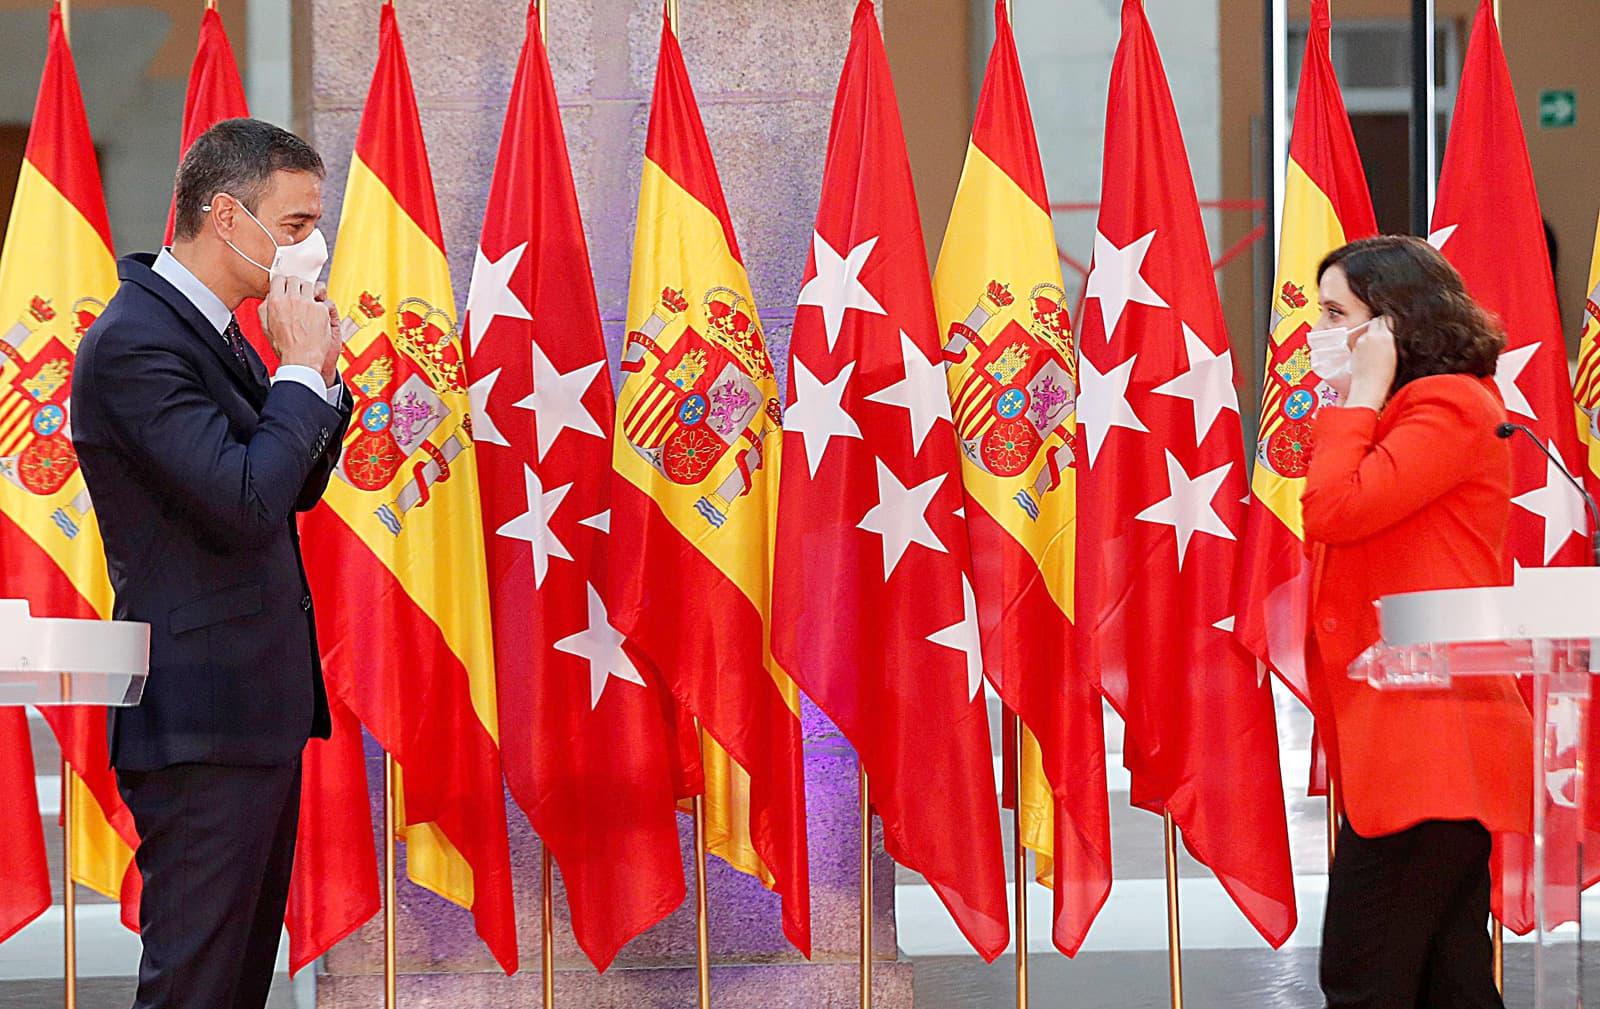 Pedro Sánchez i Isabel Díaz Ayuso a la conferència de premsa conjunta del 21 de setembre. Fotografia d'Emilio Naranjo. Efe.